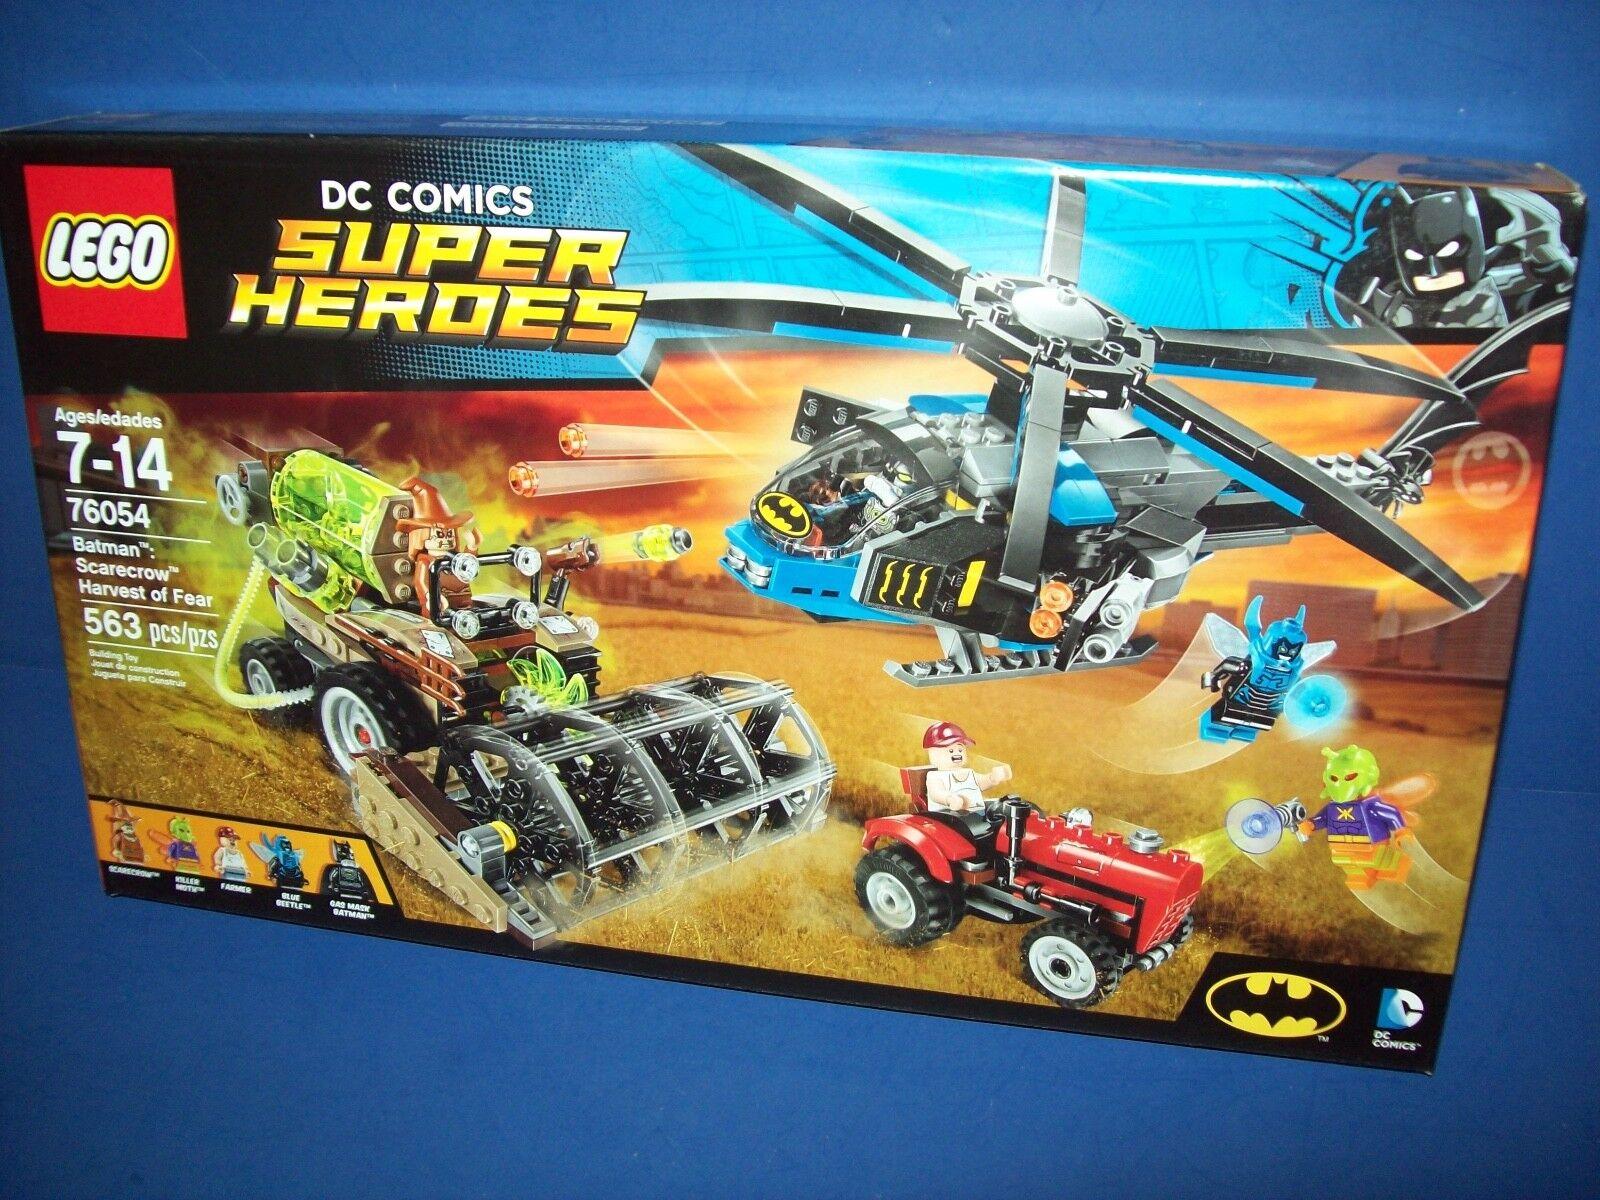 Lego 76054 DC Comics Super Heroes Batman Scarecrow cosecha de miedo Nuevo Sellado